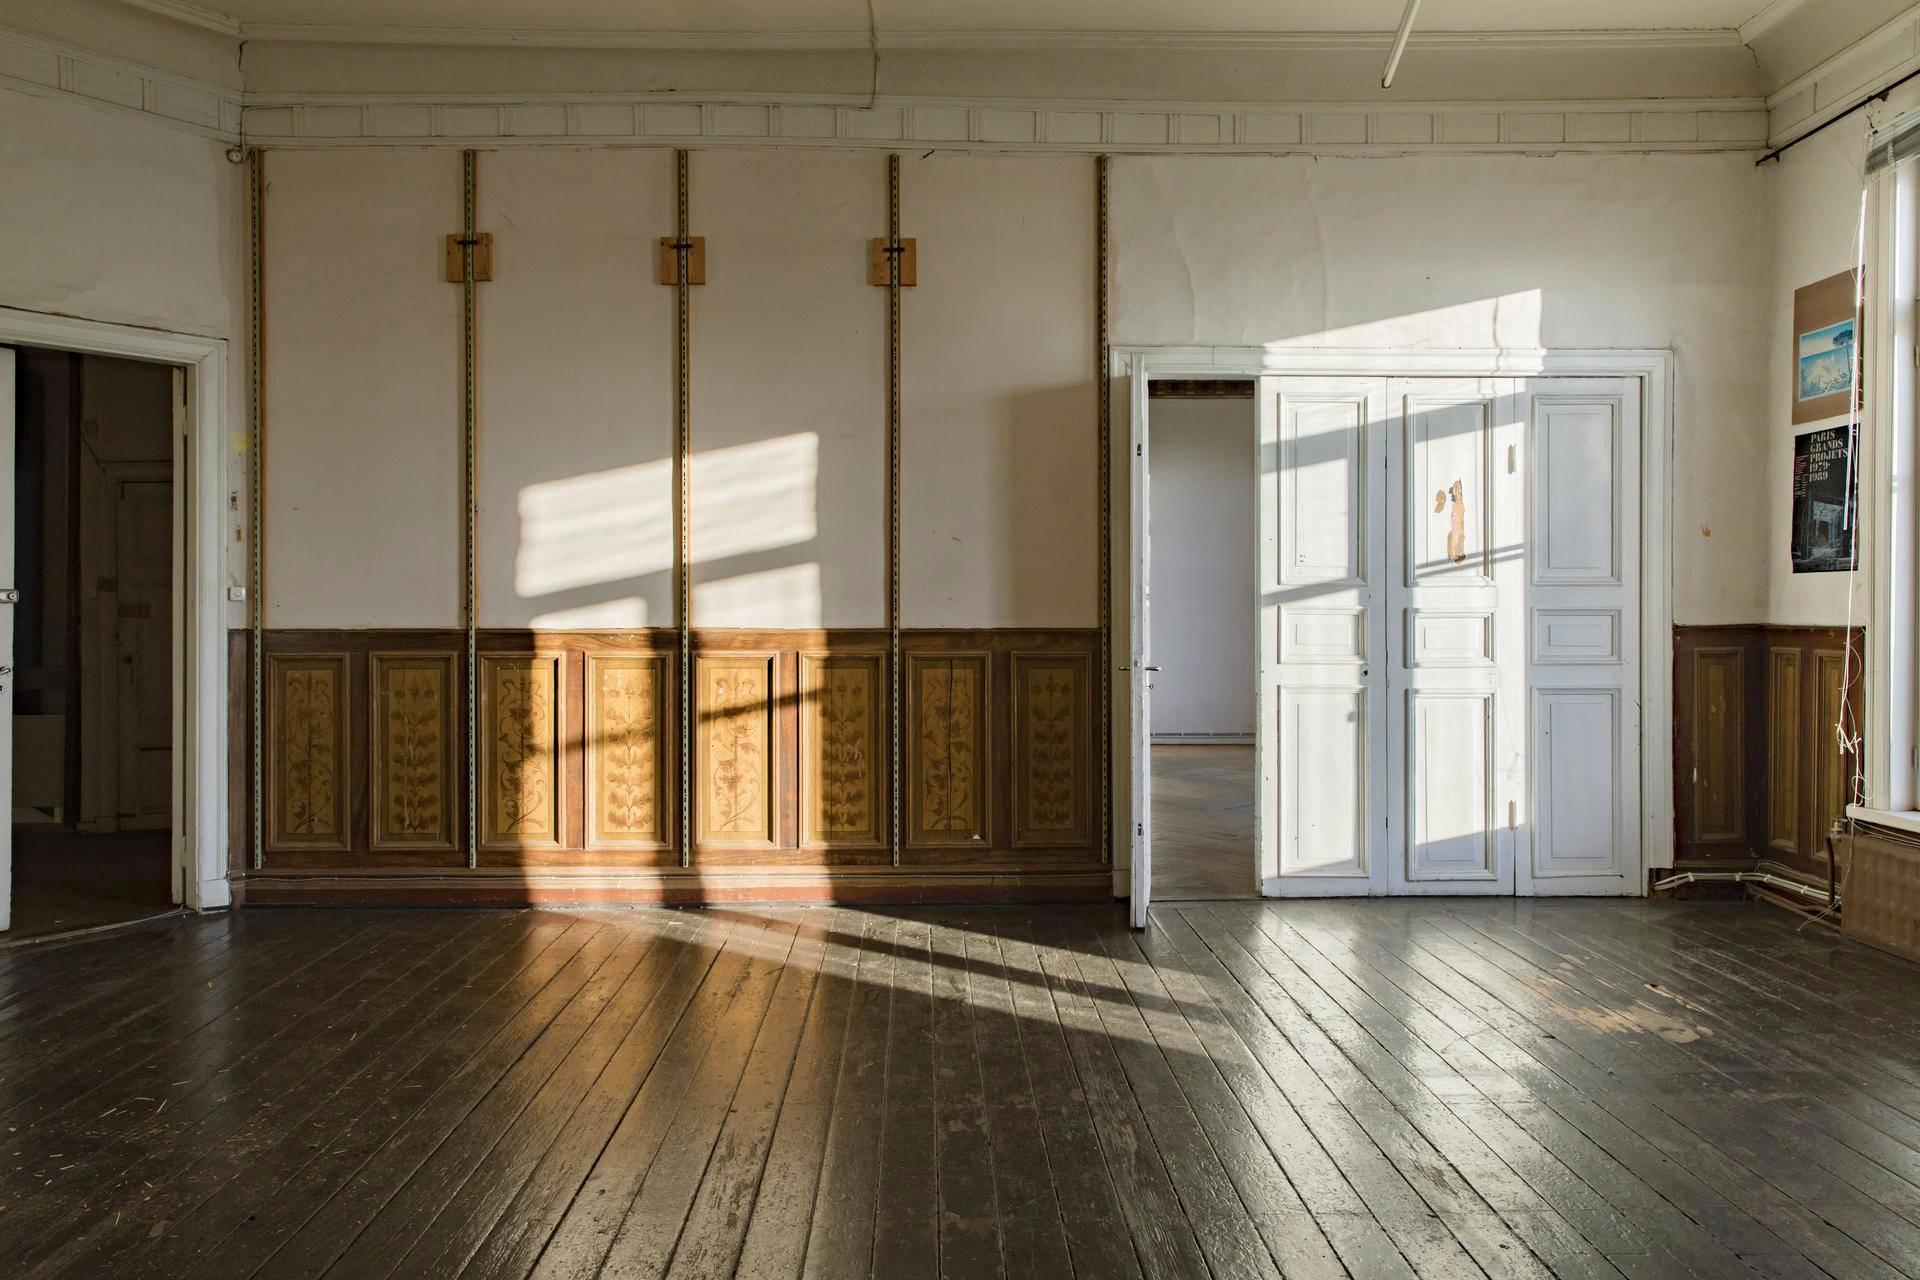 Puistokatu 4:n kahdessa entisessä asuinkerroksessa jotkin salit ovat toisia paremmin säilyneitä. Saleissa ovat aiempina vuosina toimineet muun muassa Ruotsinkielinen yhteiskoulu ja Ranskalainen koulu., sekä viimeisimpänä Suomen arkkitehtuurimuseo.